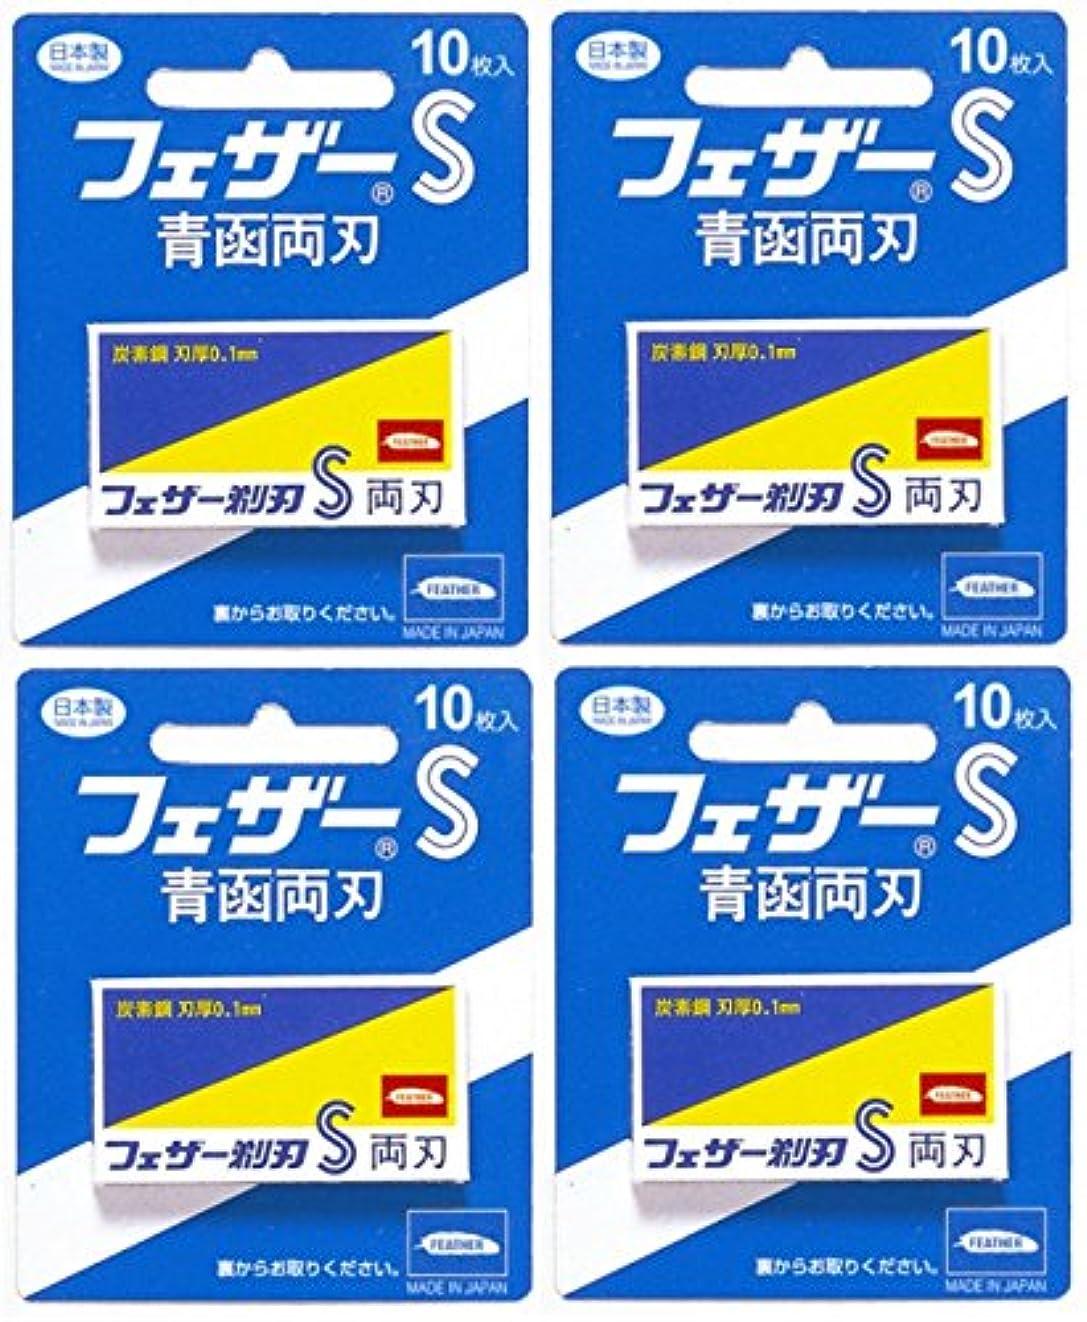 破滅的な側忘れられない【まとめ買い】フェザー 青函 両刃 10枚入×4個